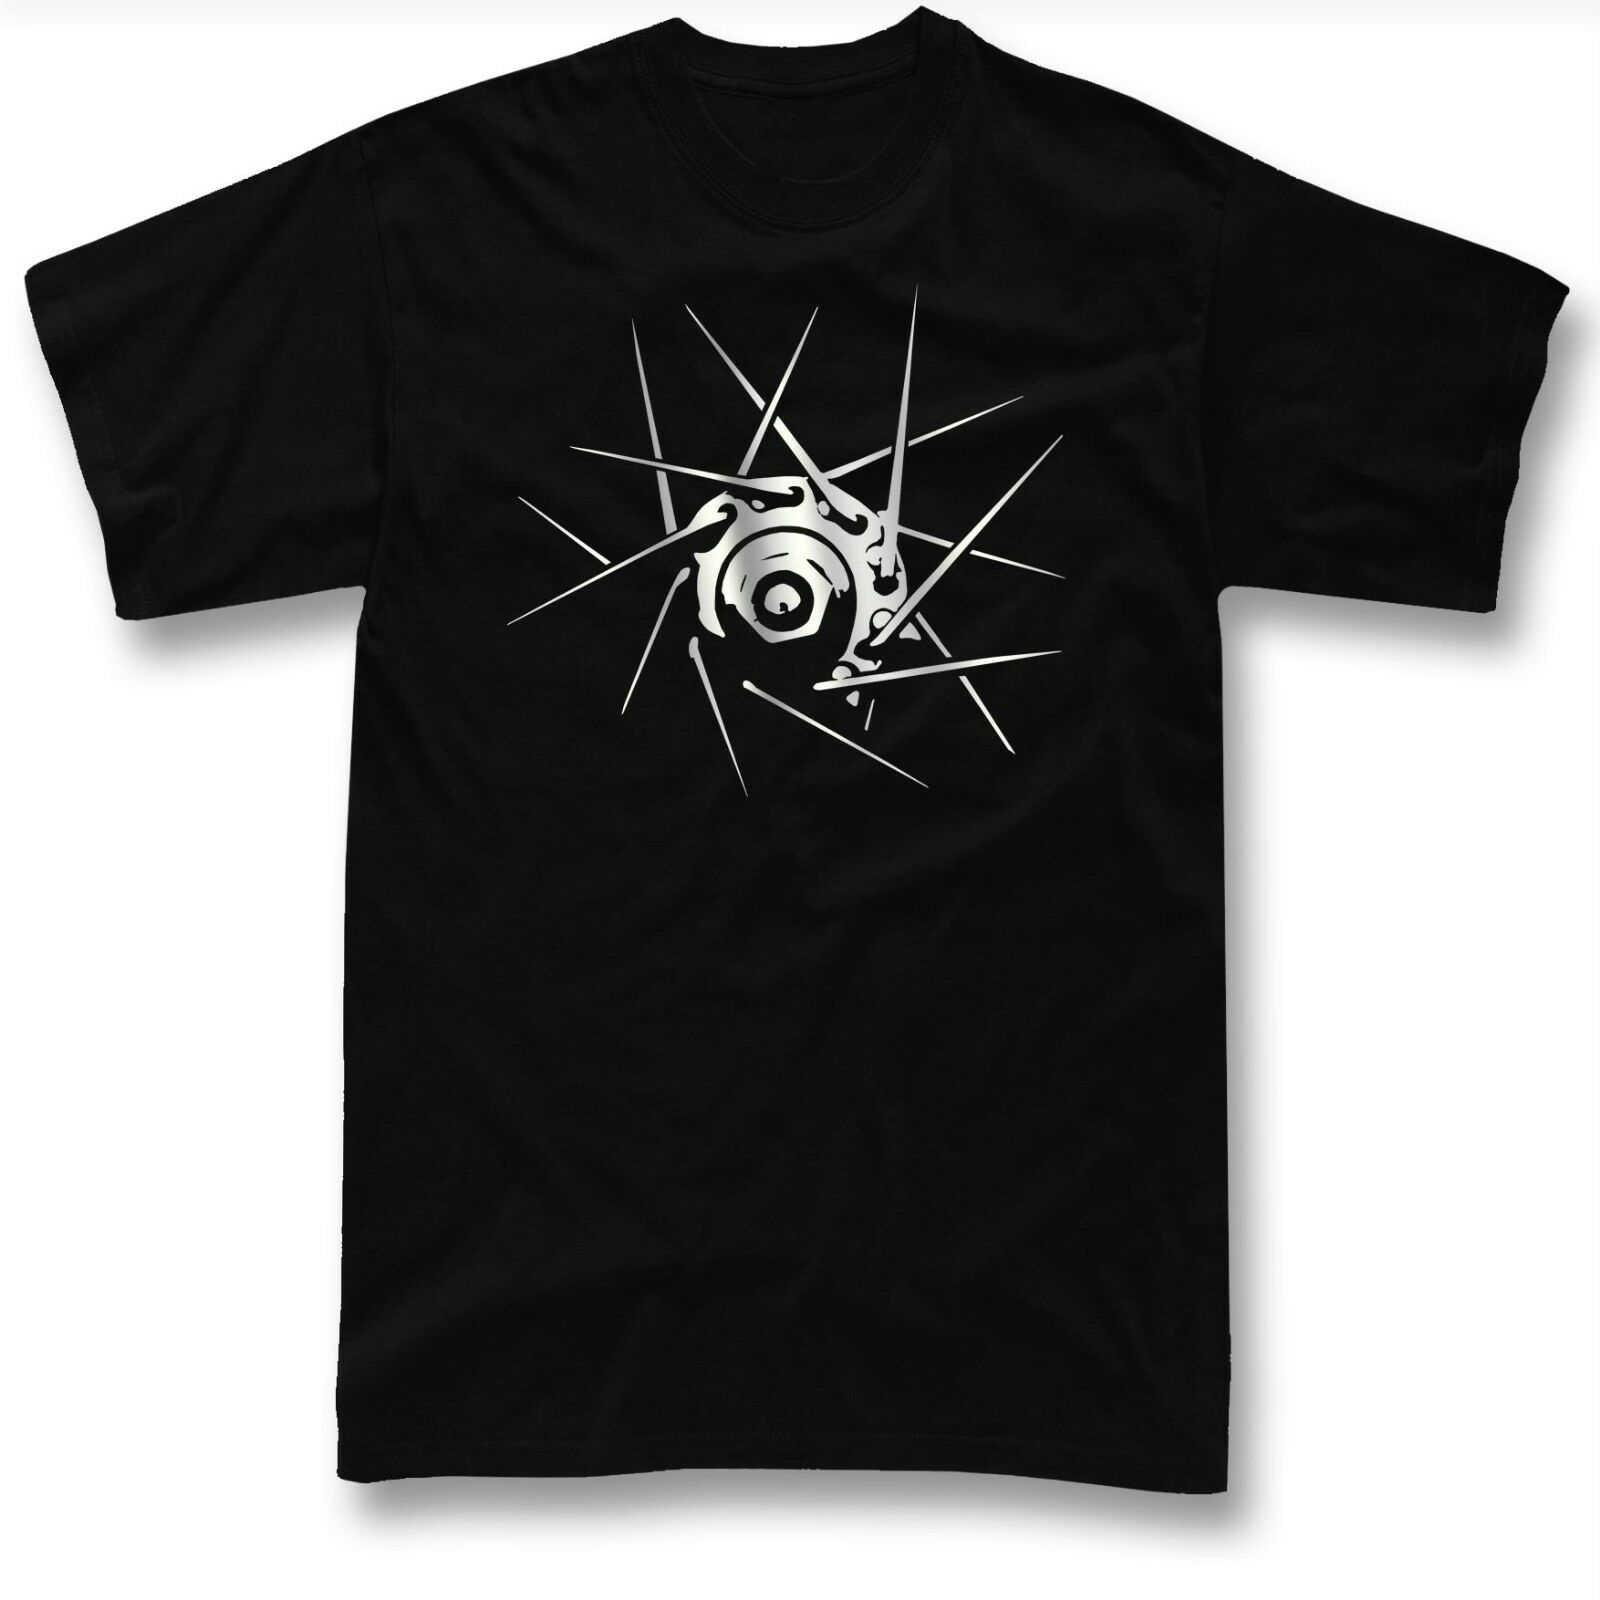 Radfahren Fans T-shirt Radfahrer Bicycler Geburtstag Geschenk T männer Baumwolle Kurzarm T-shirt